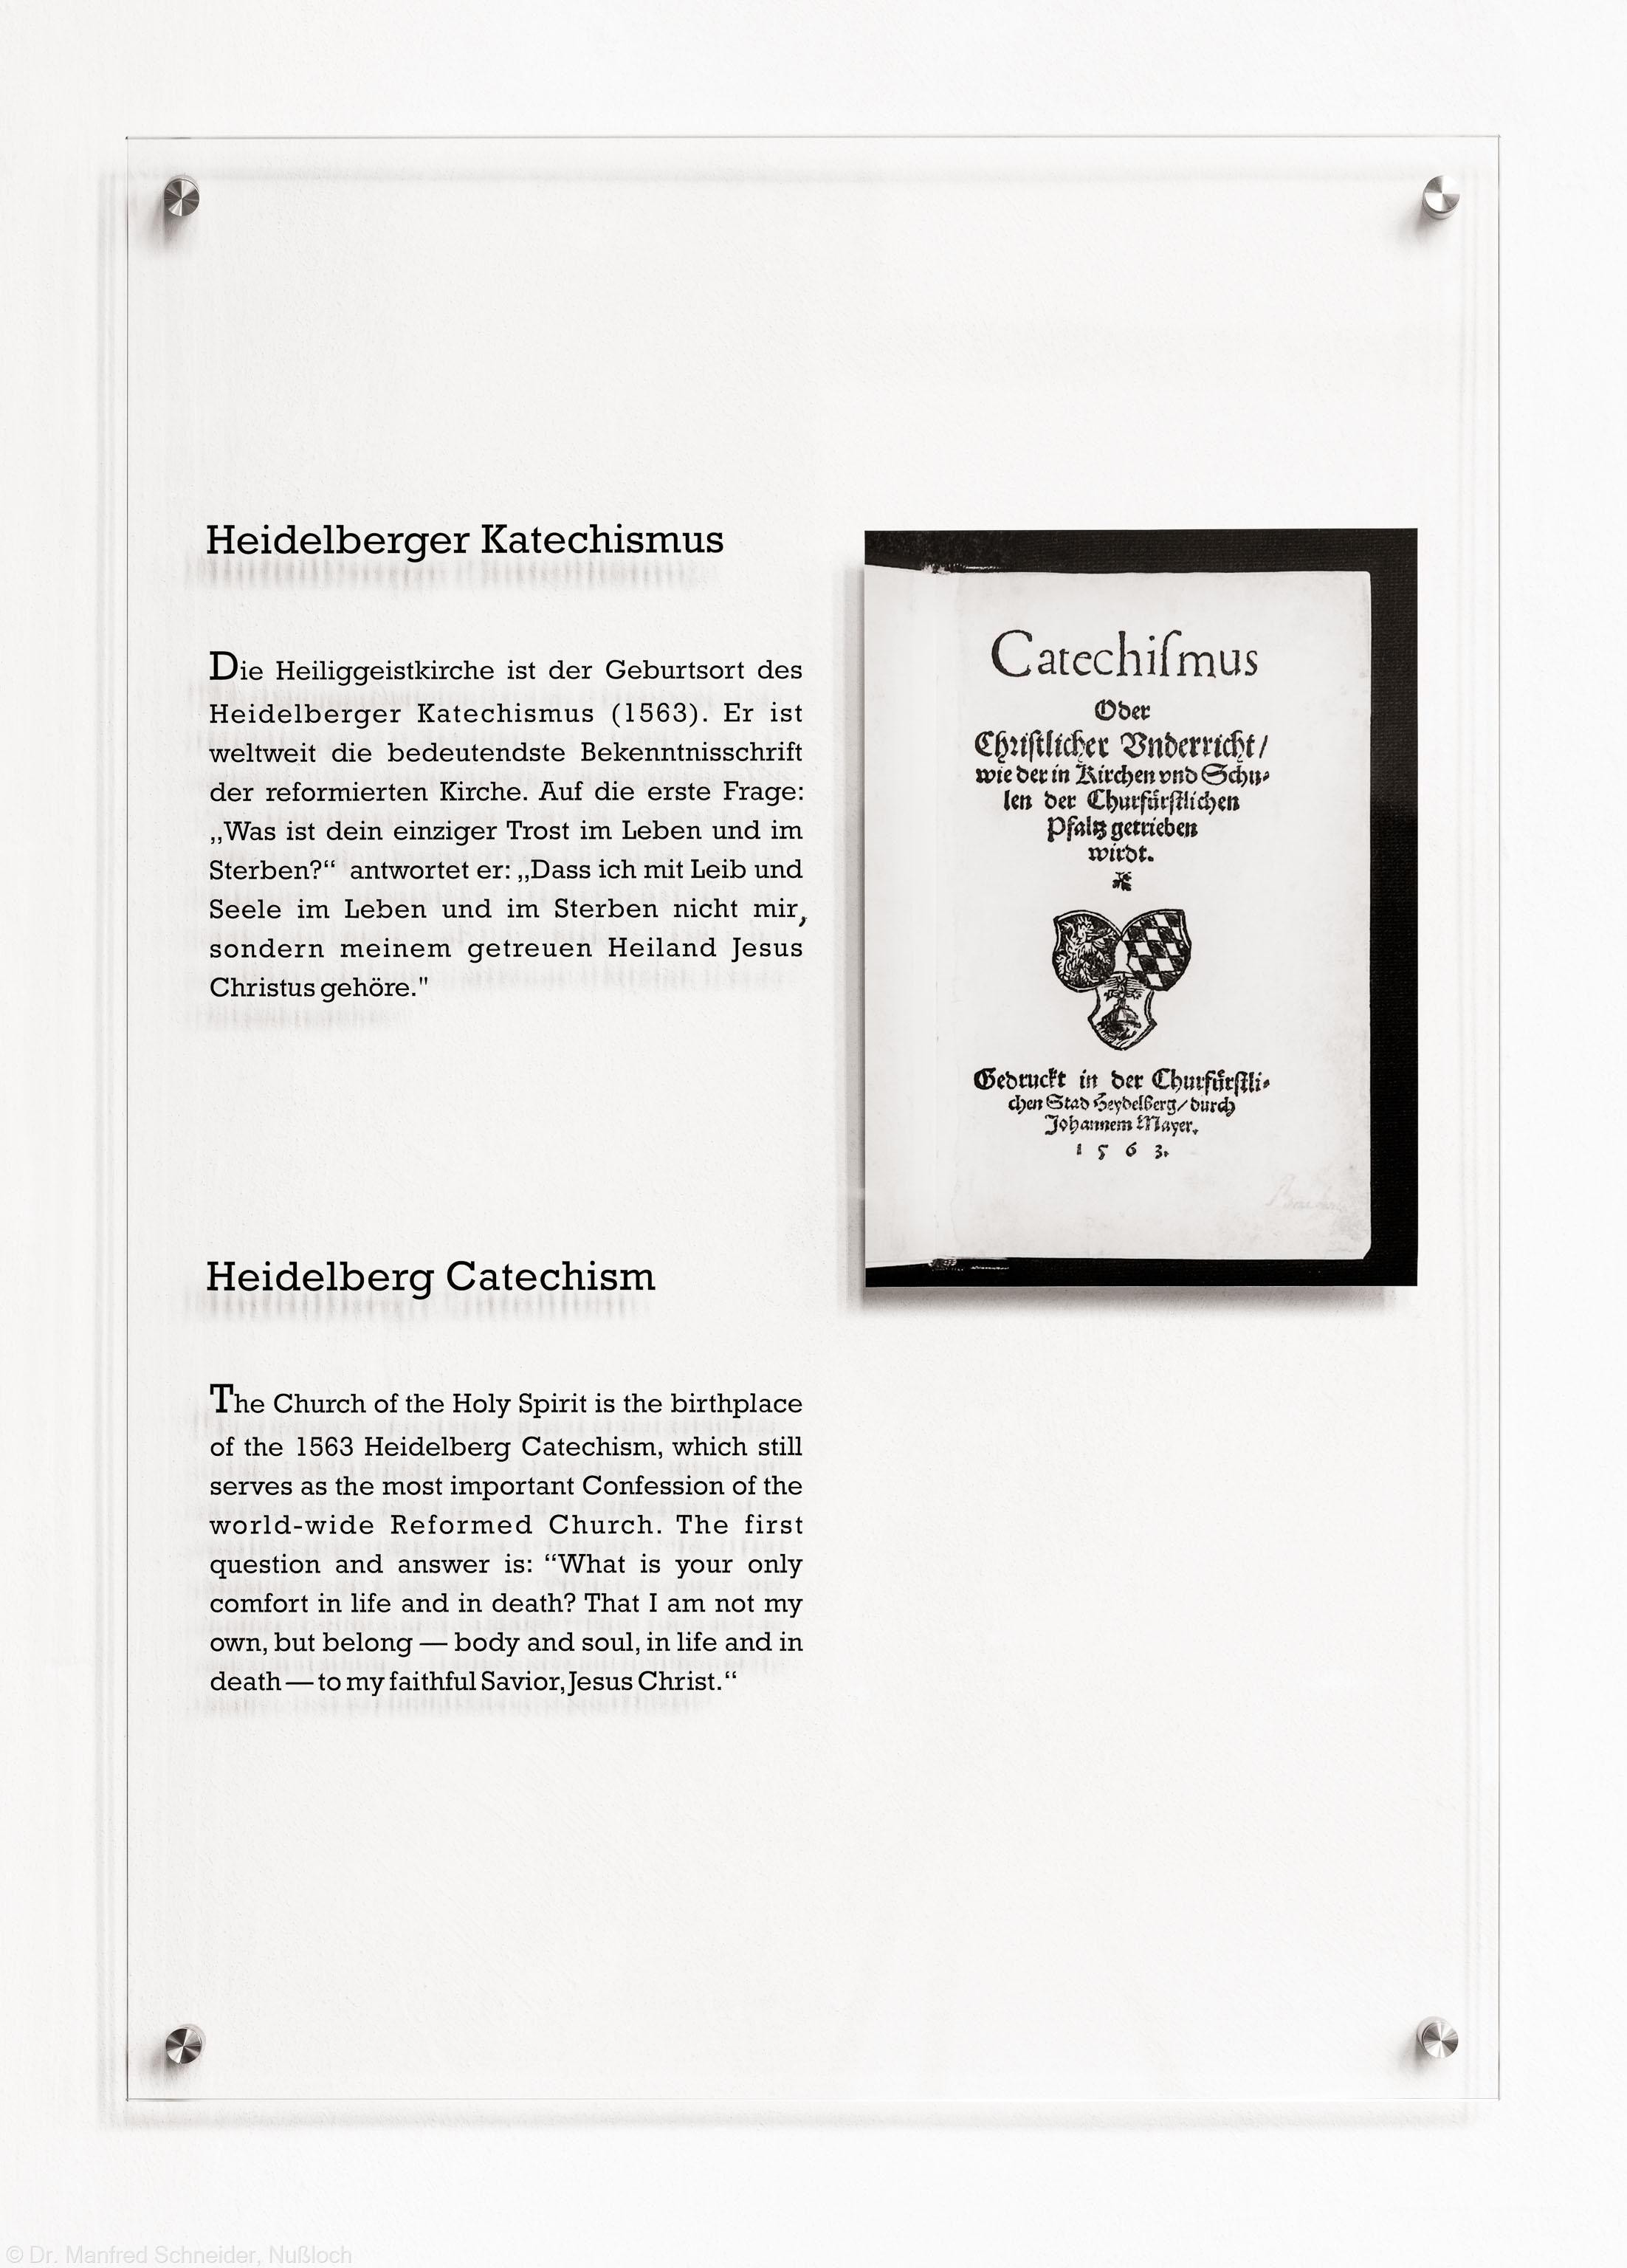 Heidelberg - Heiliggeistkirche - Chor - Gedenktafel zum Heidelberger Katechismus, eingeweiht am 21. Mai 2017, an der westlichen Nordwand (aufgenommen im September 2017, um die Mittagszeit)